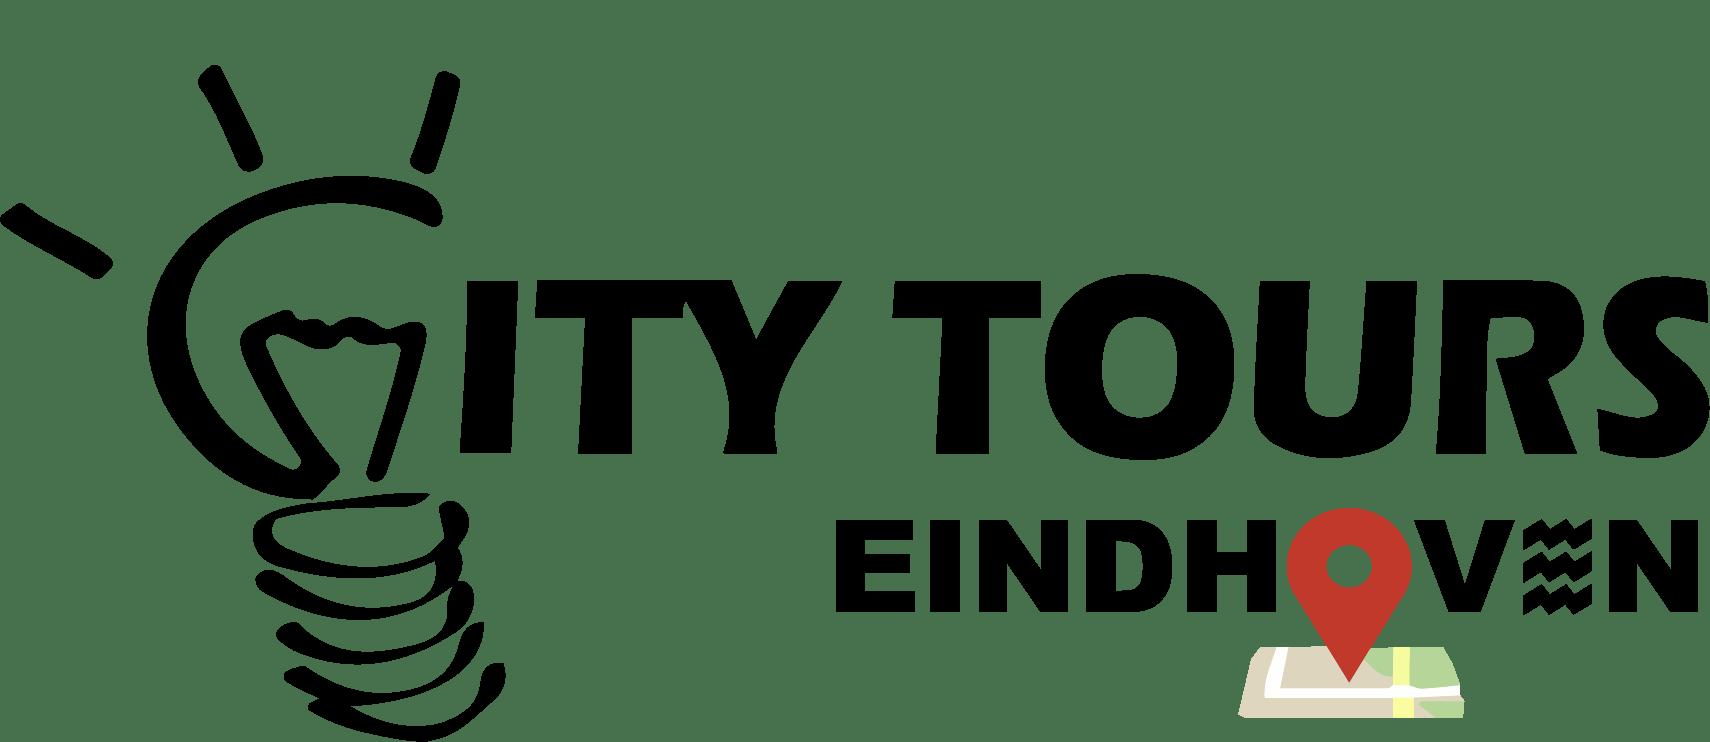 City Tours Eindhoven Logo